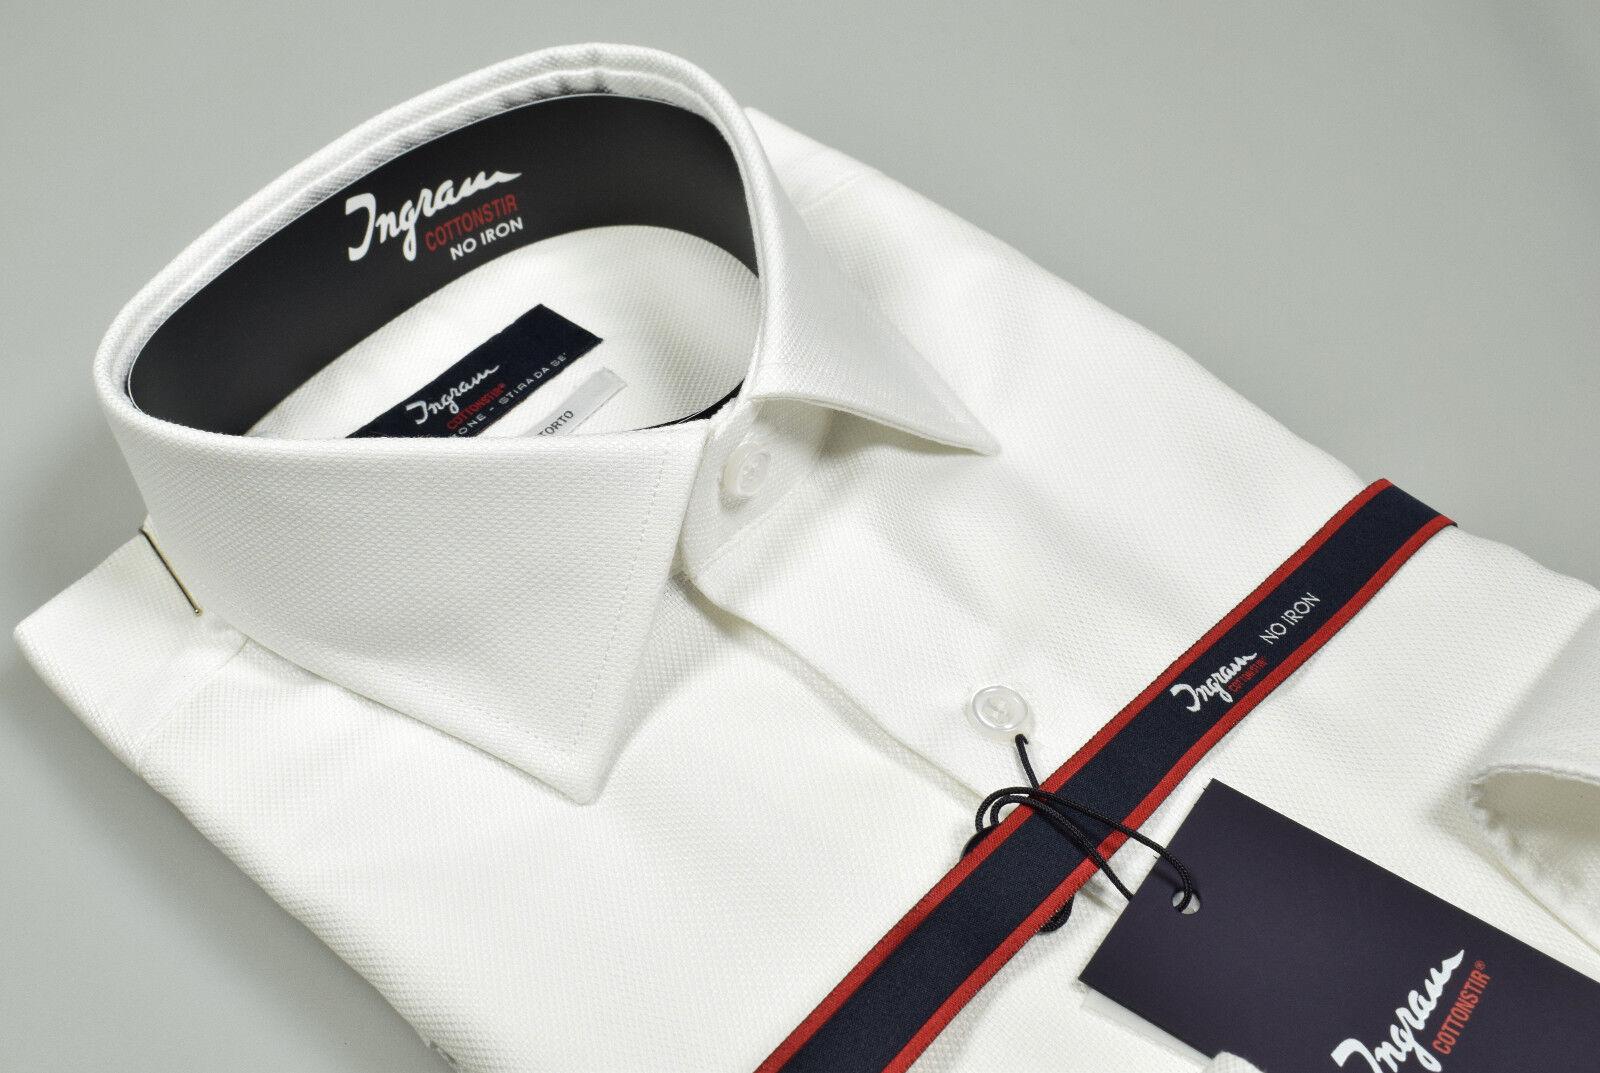 Camicia Ingram Cotone No Stiro Oxford doppio ritorto alto pregio Classic Fit